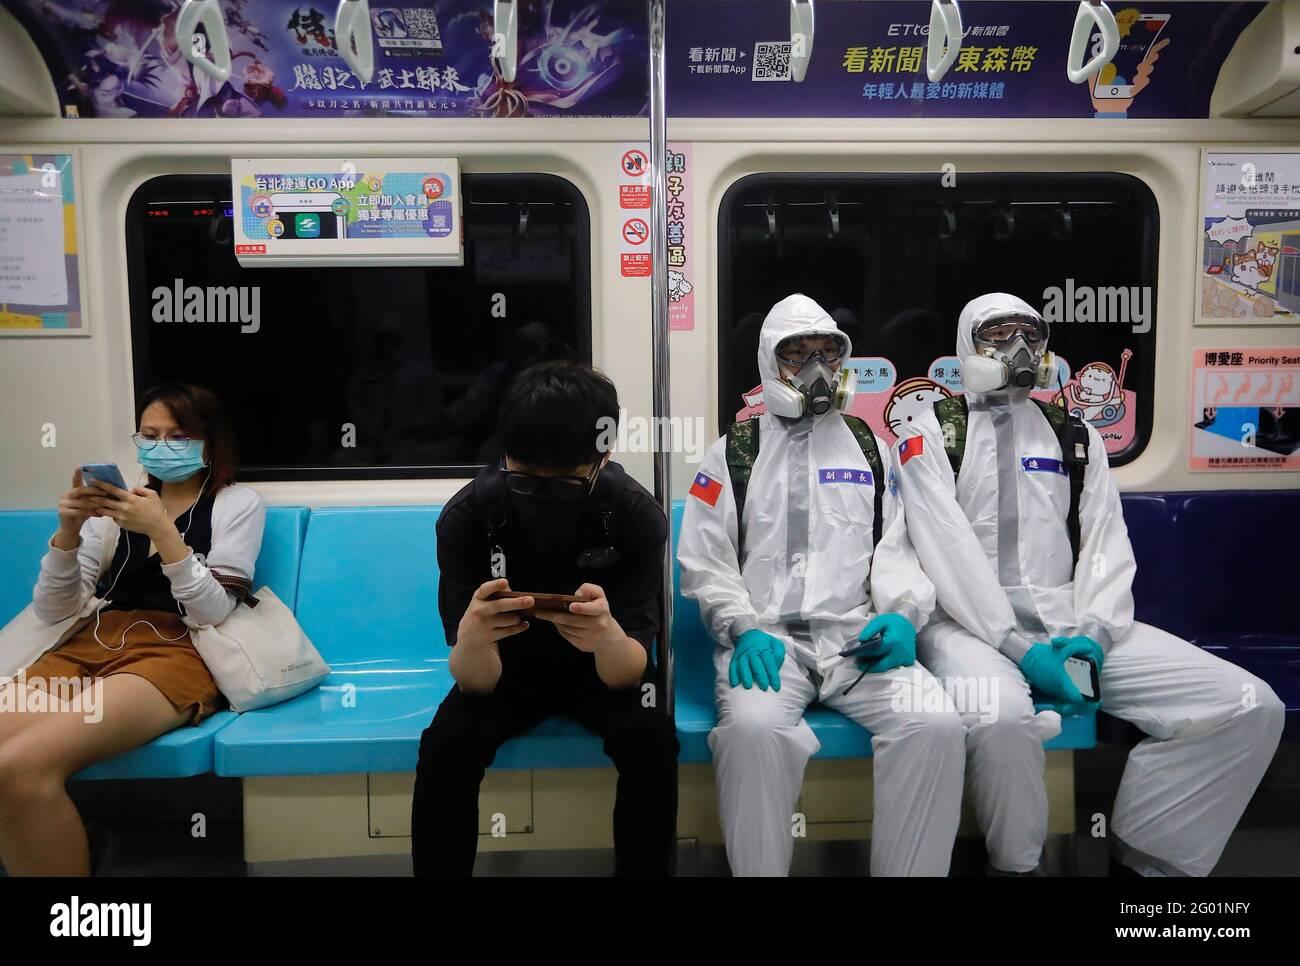 Taipei, Taipei, Taiwan. Mai 2021. Militäroffiziere, die öffentliche Bereiche desinfizieren und den Transport in einem U-Bahn-Zug in Taipei sehen, nachdem eine dramatische Zunahme von Fällen im Inland, die die medizinischen Systeme in Taiwan gefährden, zu beobachten war. Da mehr Covid-19-Fälle und Todesfälle gemeldet wurden, wurde über die Möglichkeit einer Sperrung diskutiert, während gleichzeitig unzureichende Impfstoffe und Auswirkungen auf die Wirtschaft zu verzeichnen sind. Quelle: Daniel Ceng Shou-Yi/ZUMA Wire/Alamy Live News Stockfoto